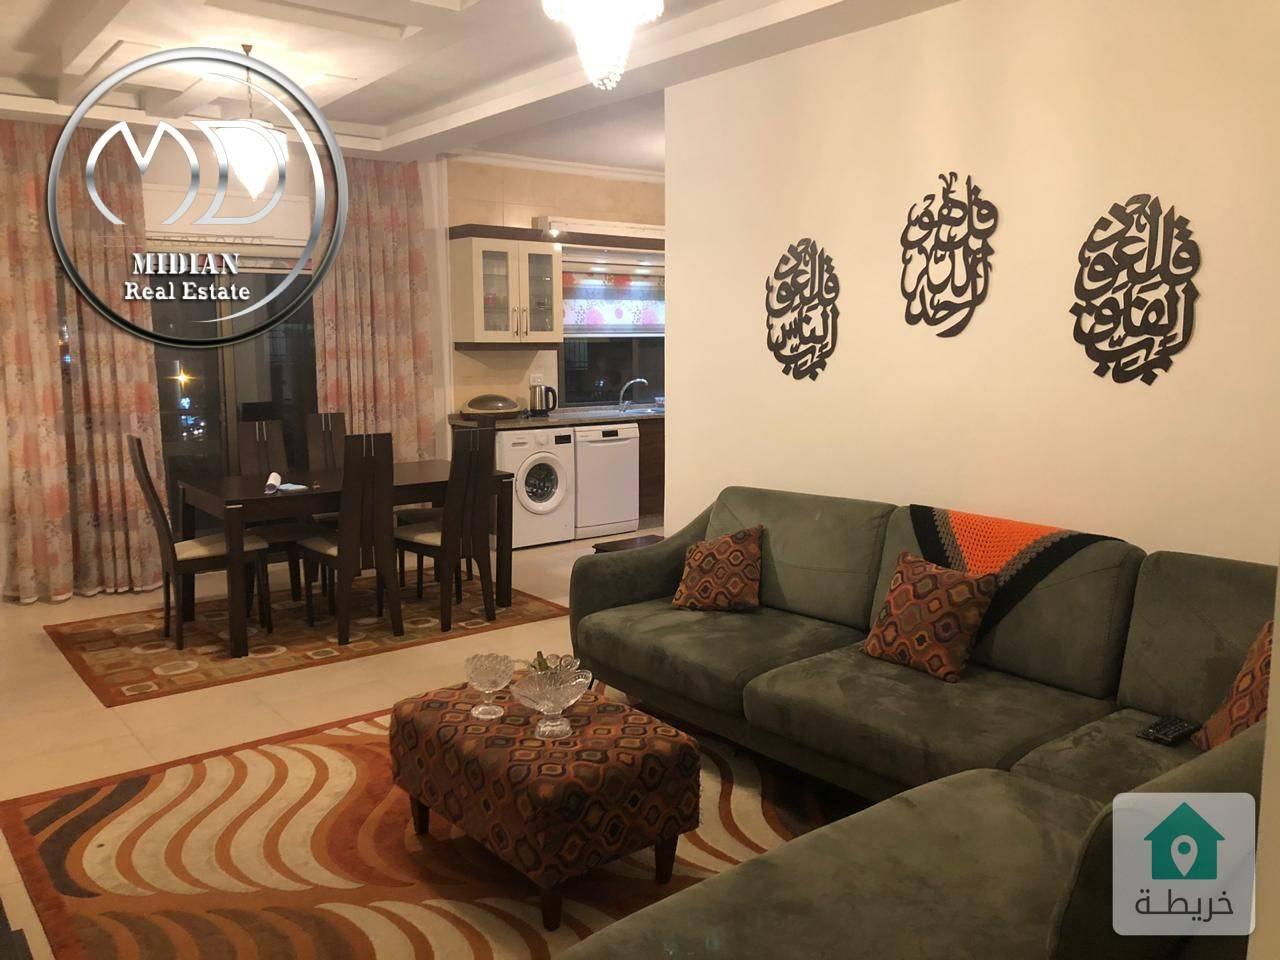 شقة مفروشة للايجار تلاع العلي قرب البشيتي مساحة 100م طابق ثالث